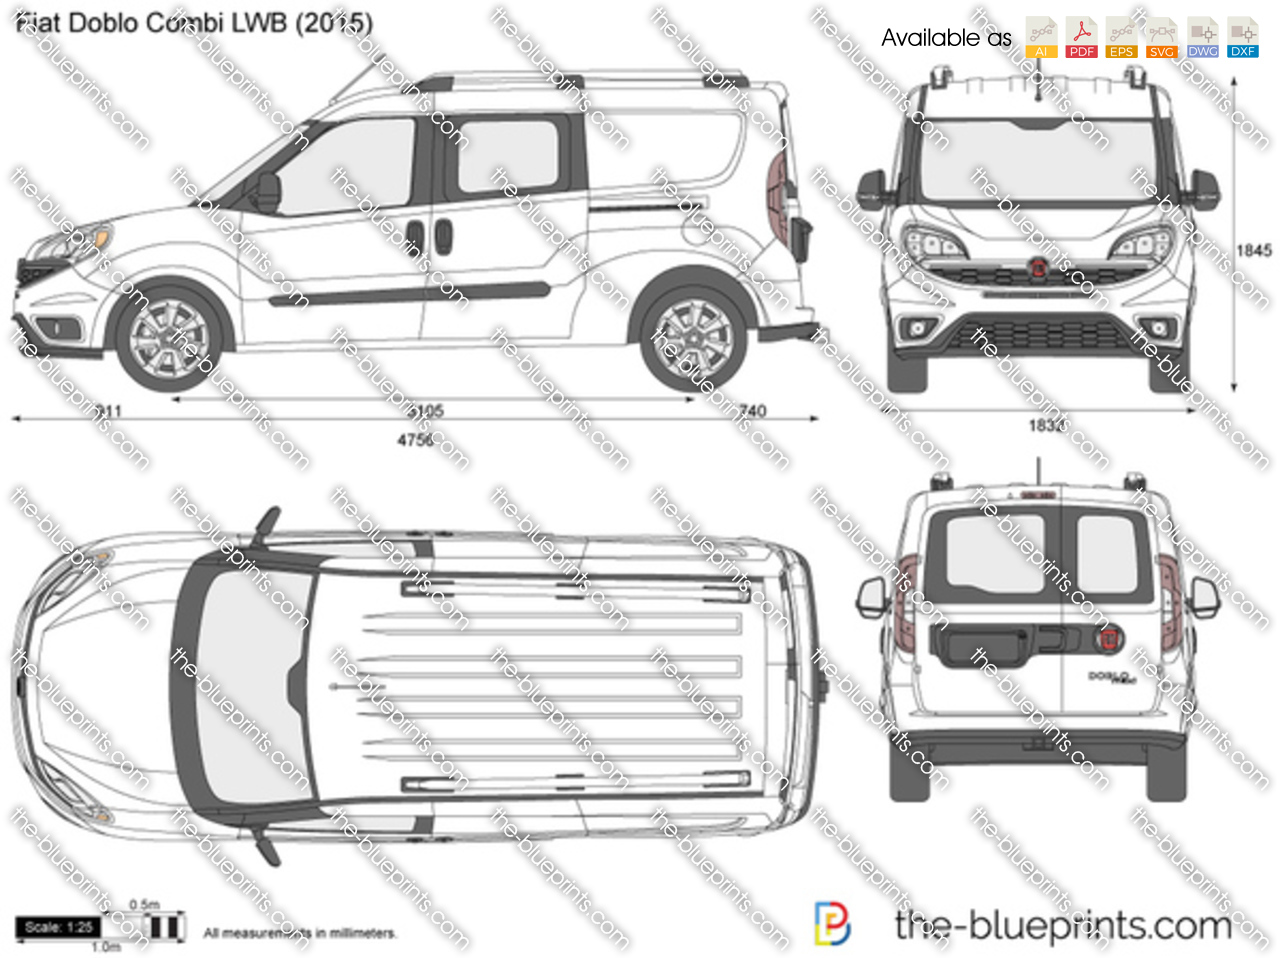 Fiat Doblo LWB Combi Maxi 2017